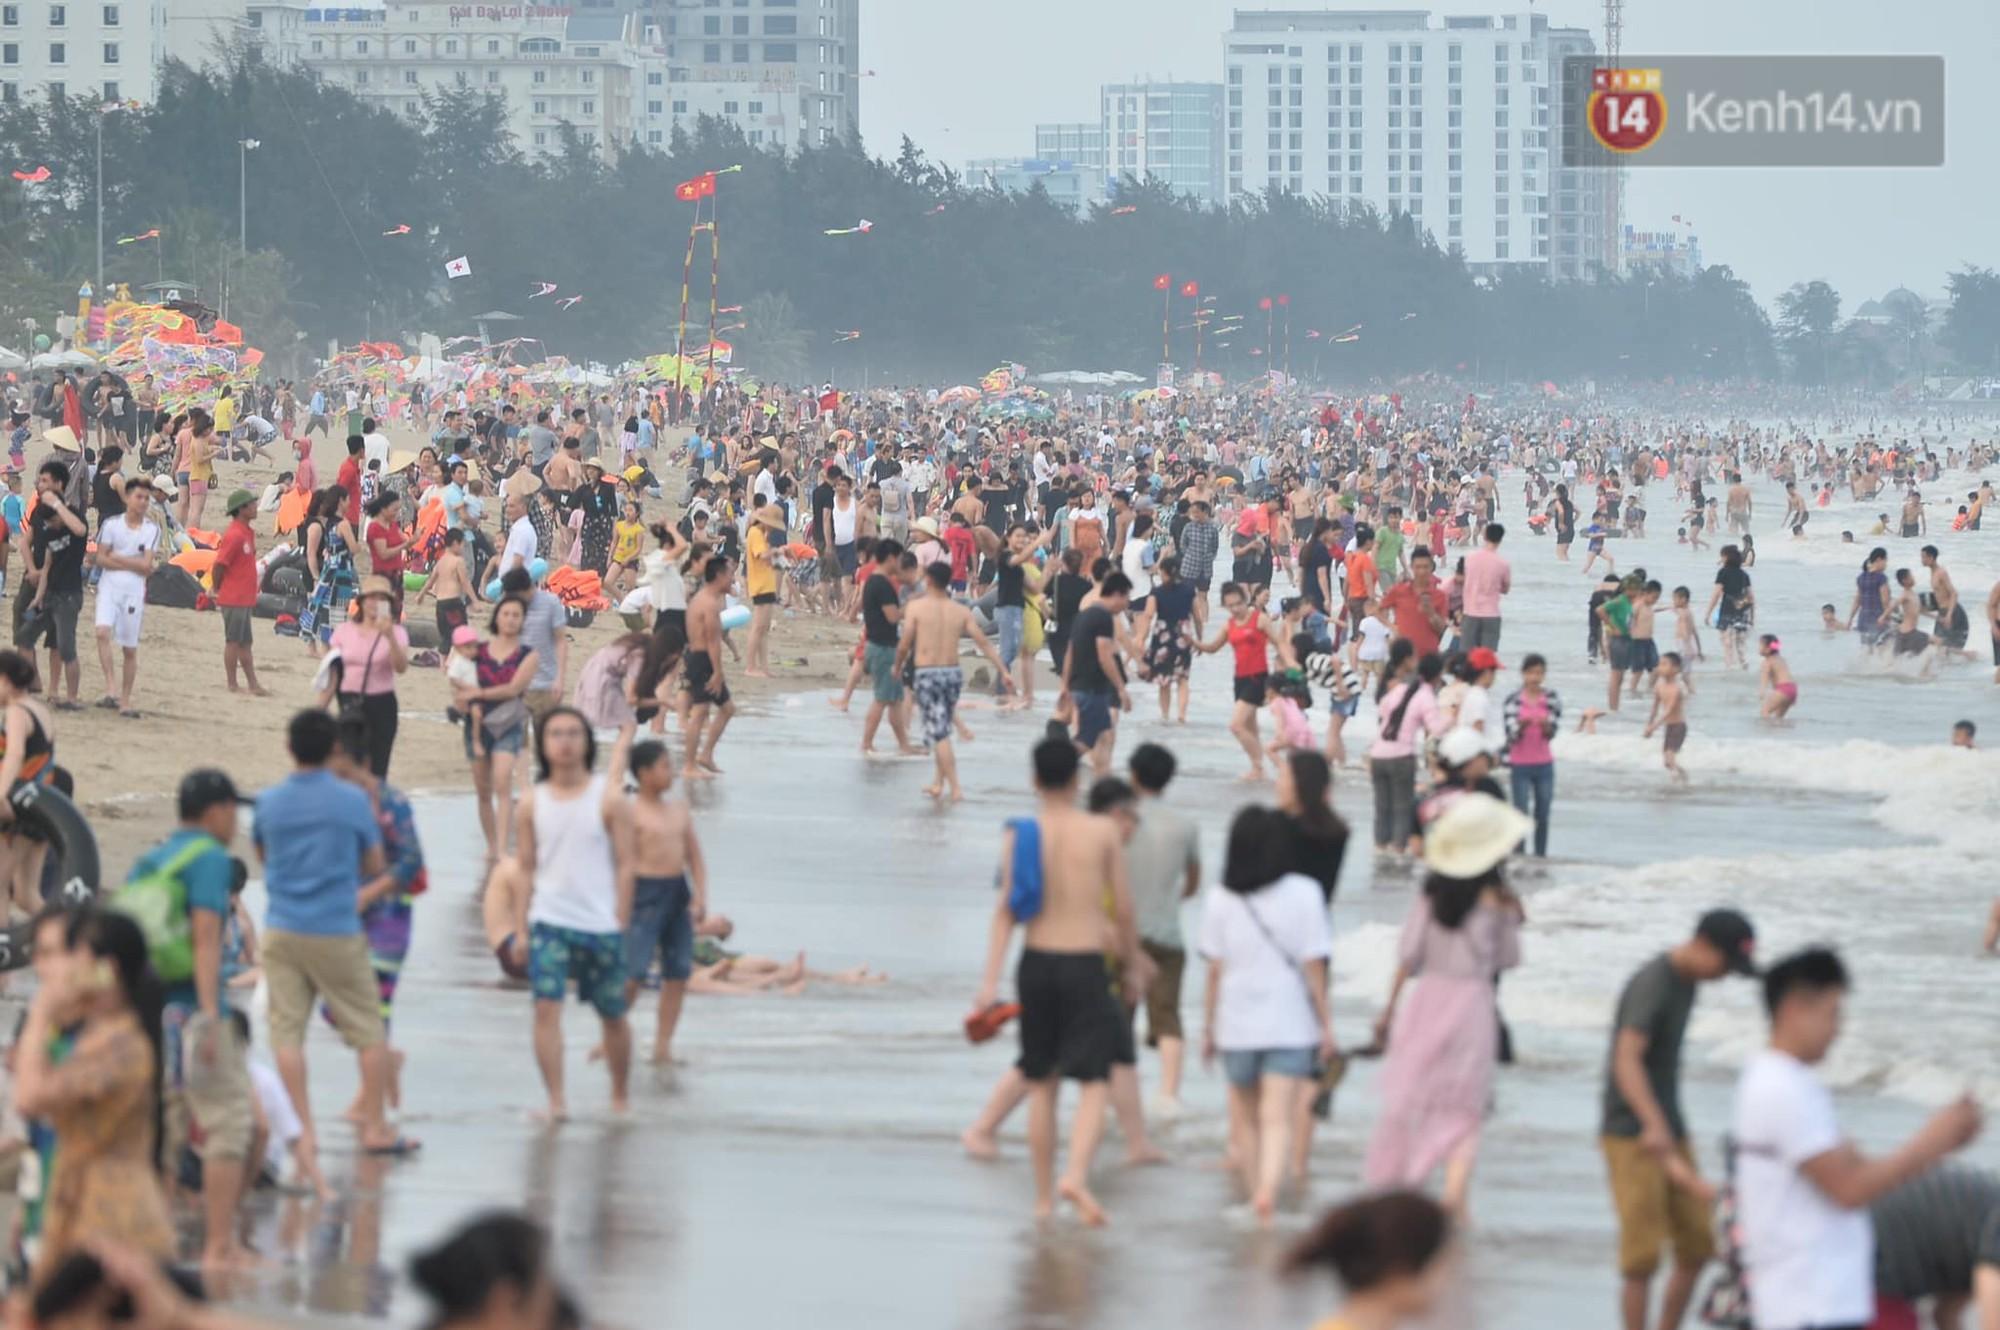 Biển người đổ về Sầm Sơn tắm biển ngày đầu kỷ nghỉ lễ Giỗ tổ Hùng Vương - Ảnh 2.